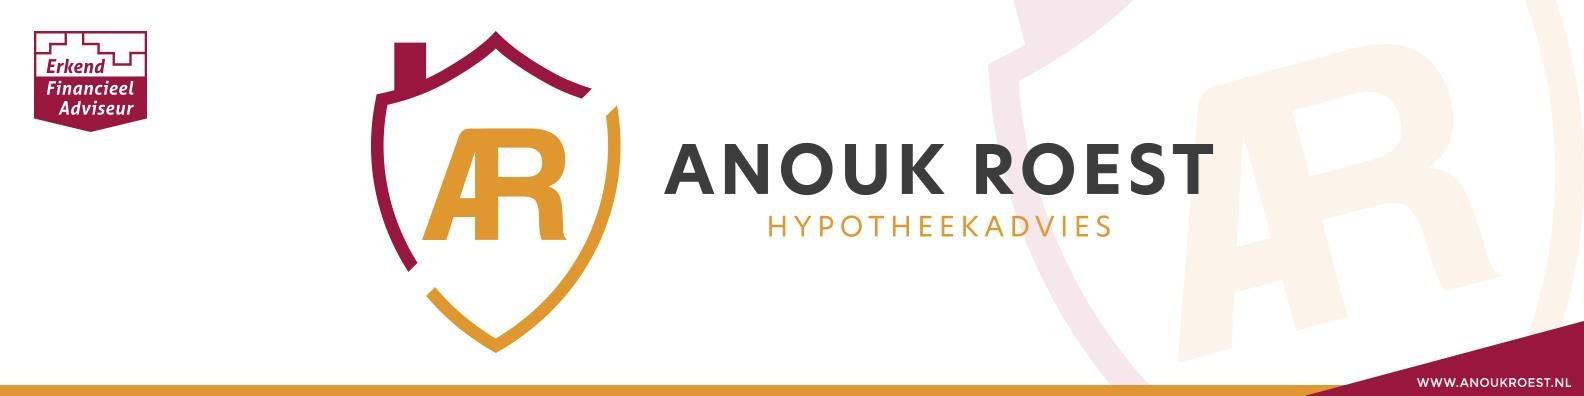 Afbeelding van Anouk Roest Hypotheekadvies